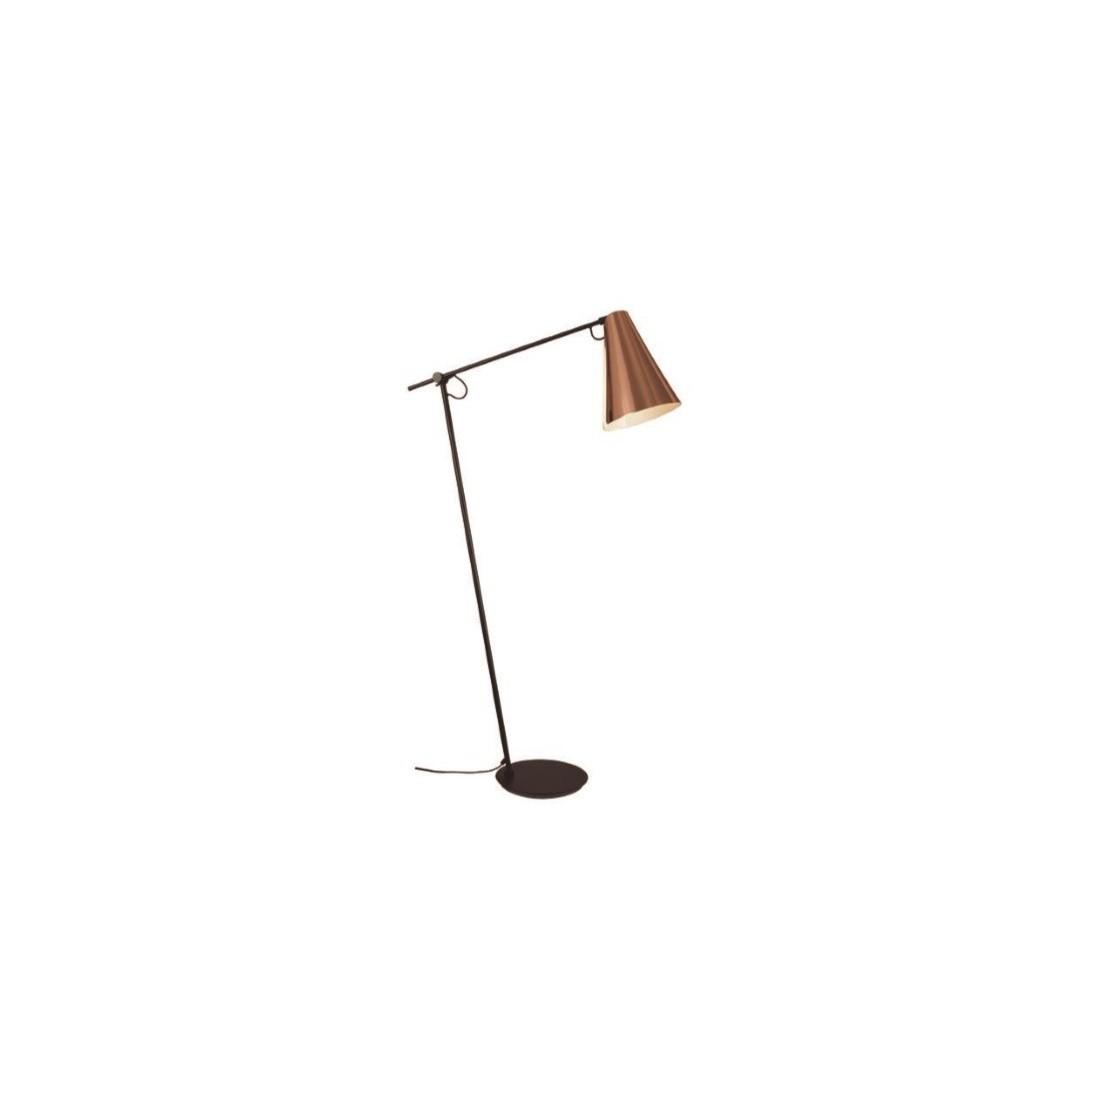 Iluminaci n de pie de sal n de acero con pantalla de tela - Lamparas de pie clasicas ...